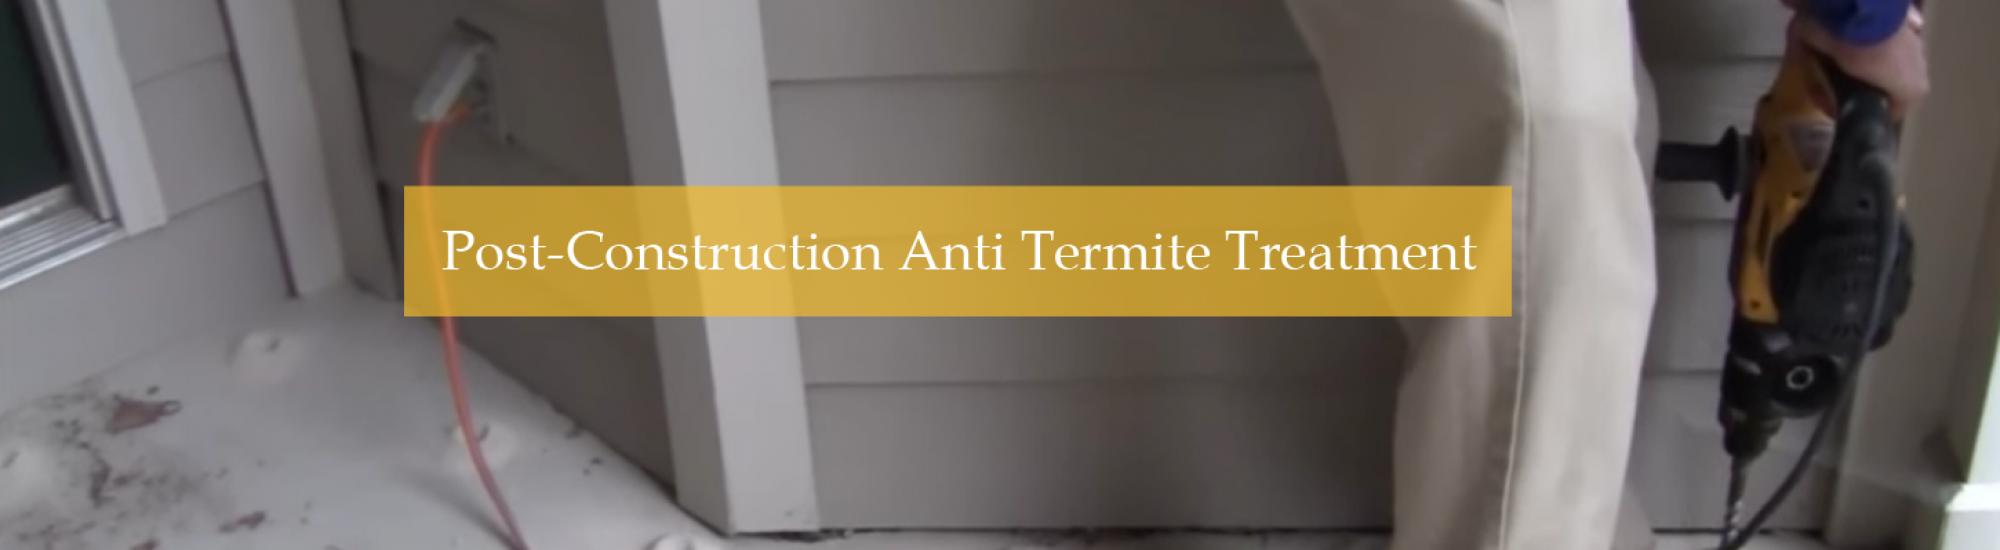 Post-Construction Anti Termite Treatment in Delhi